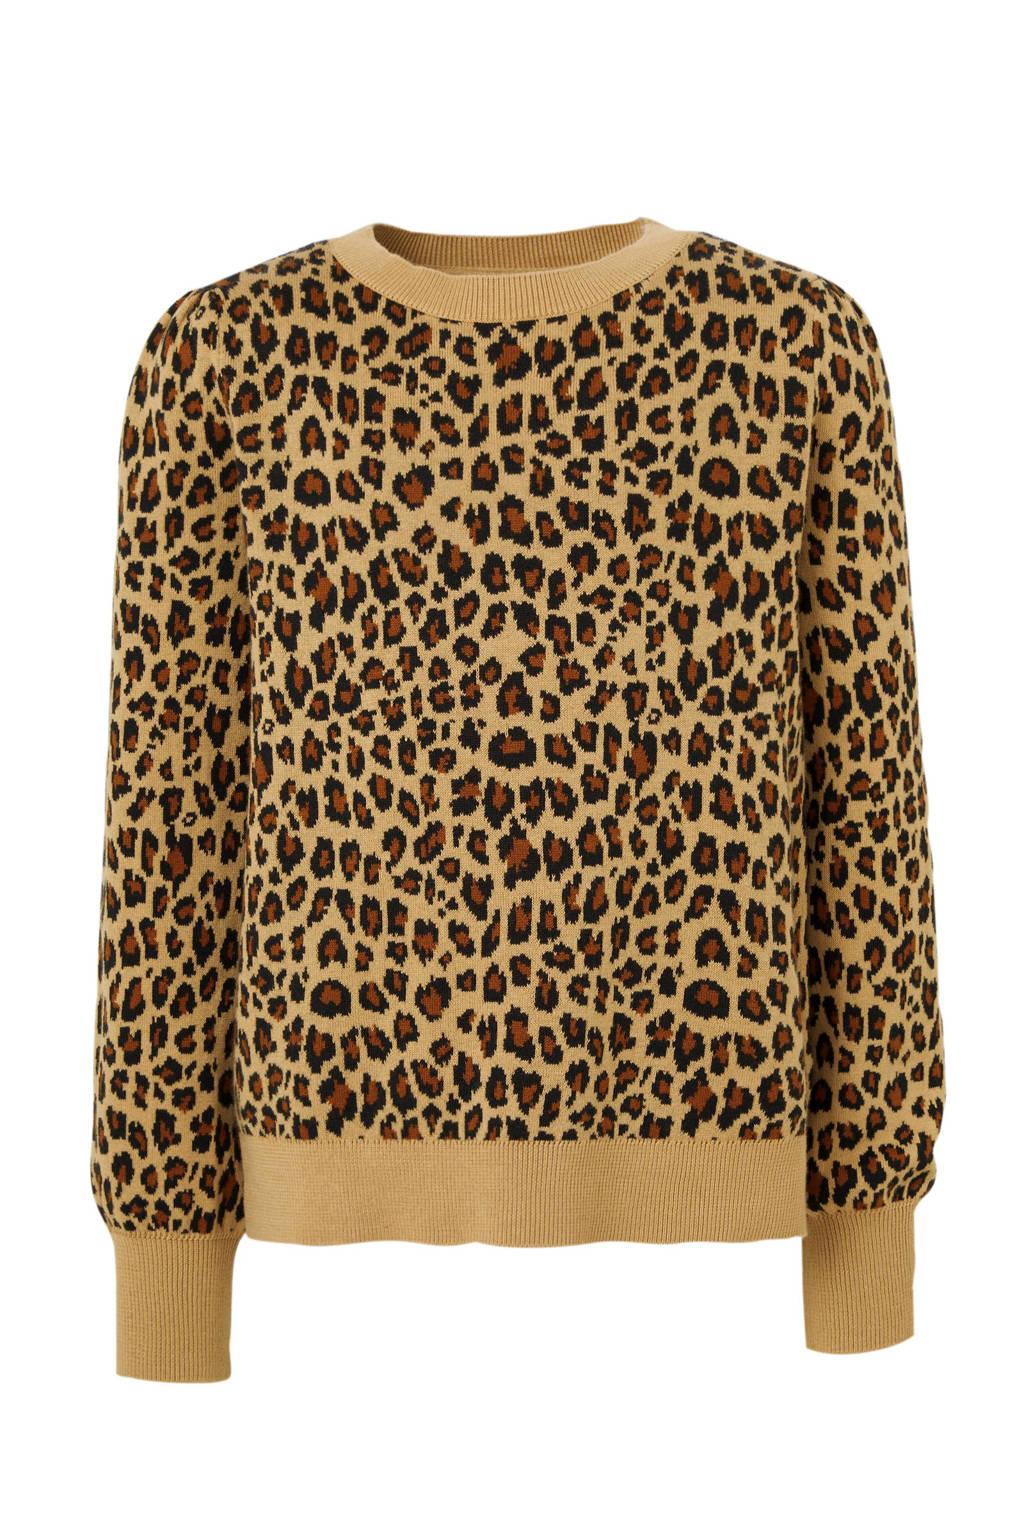 GAP trui met panterprint bruin/zwart, Bruin/zwart